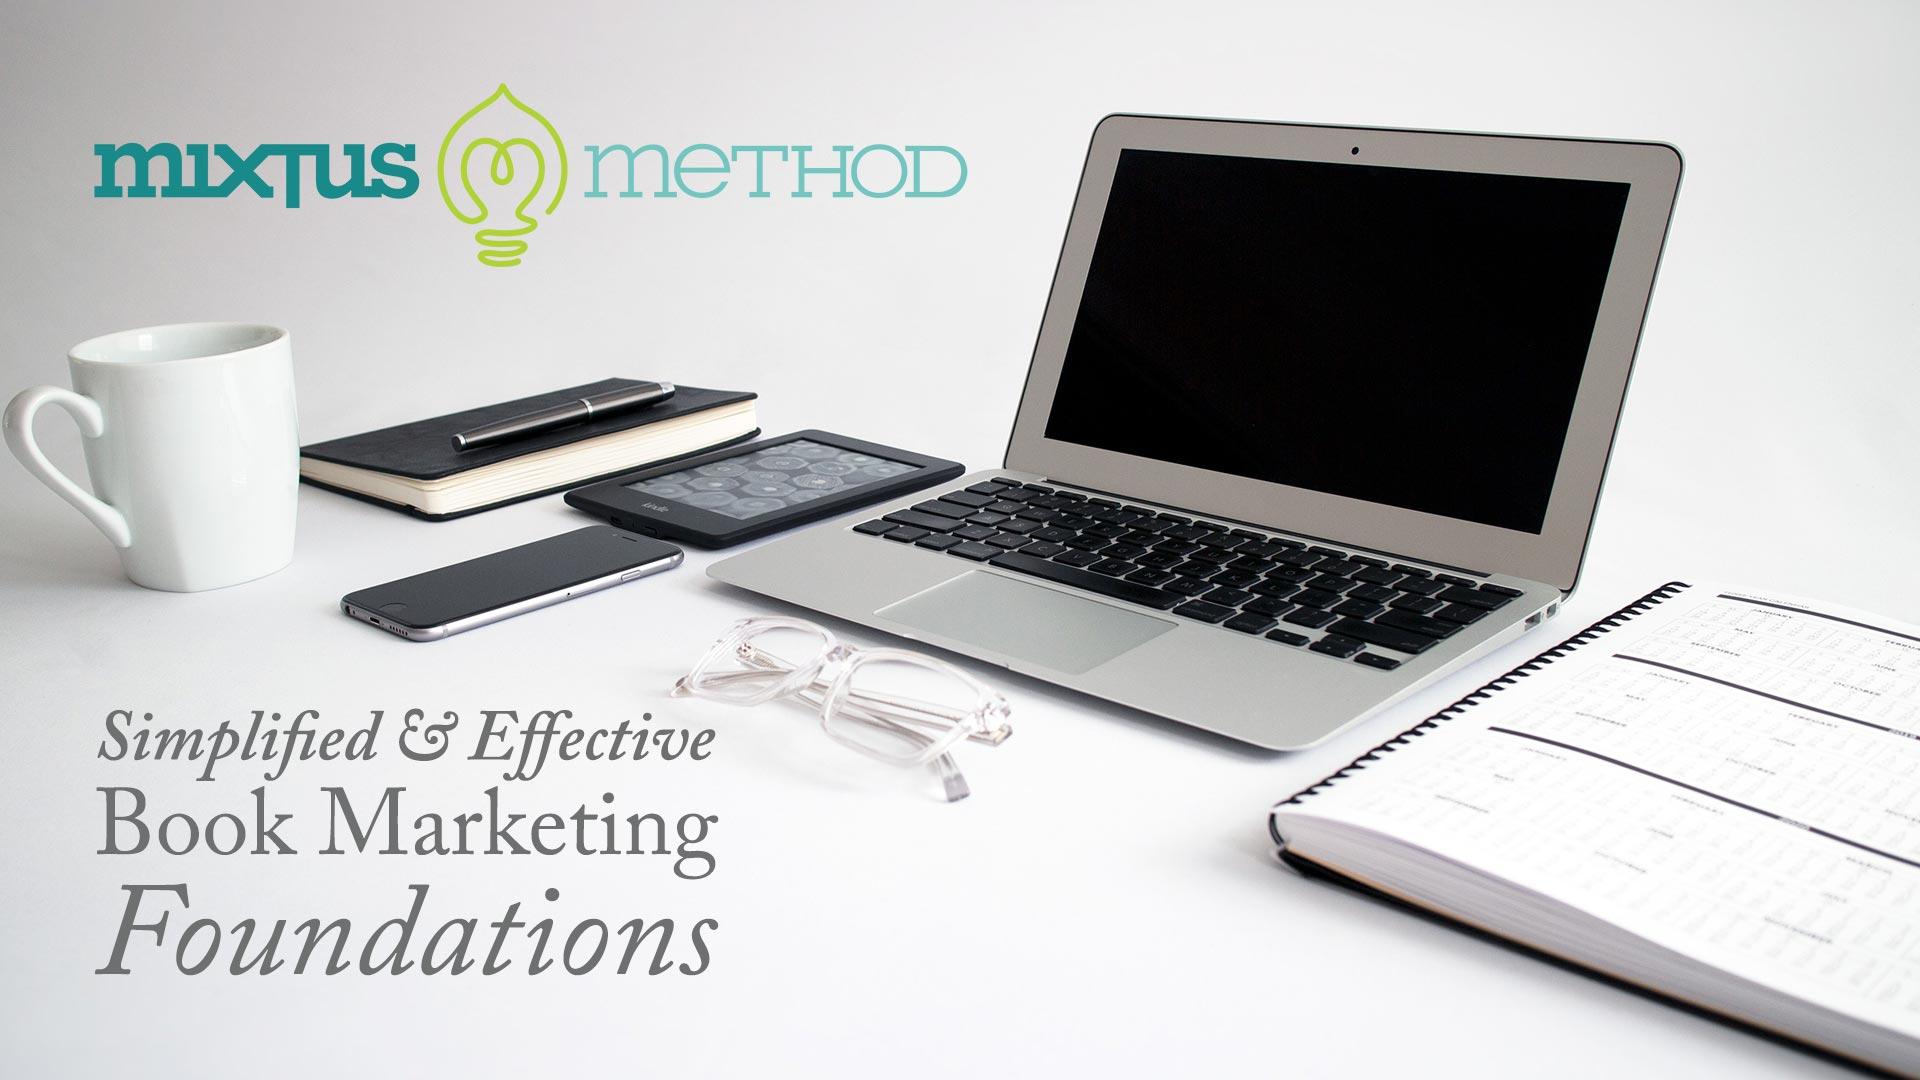 <em>The Mixtus Method Foundations Course</em>